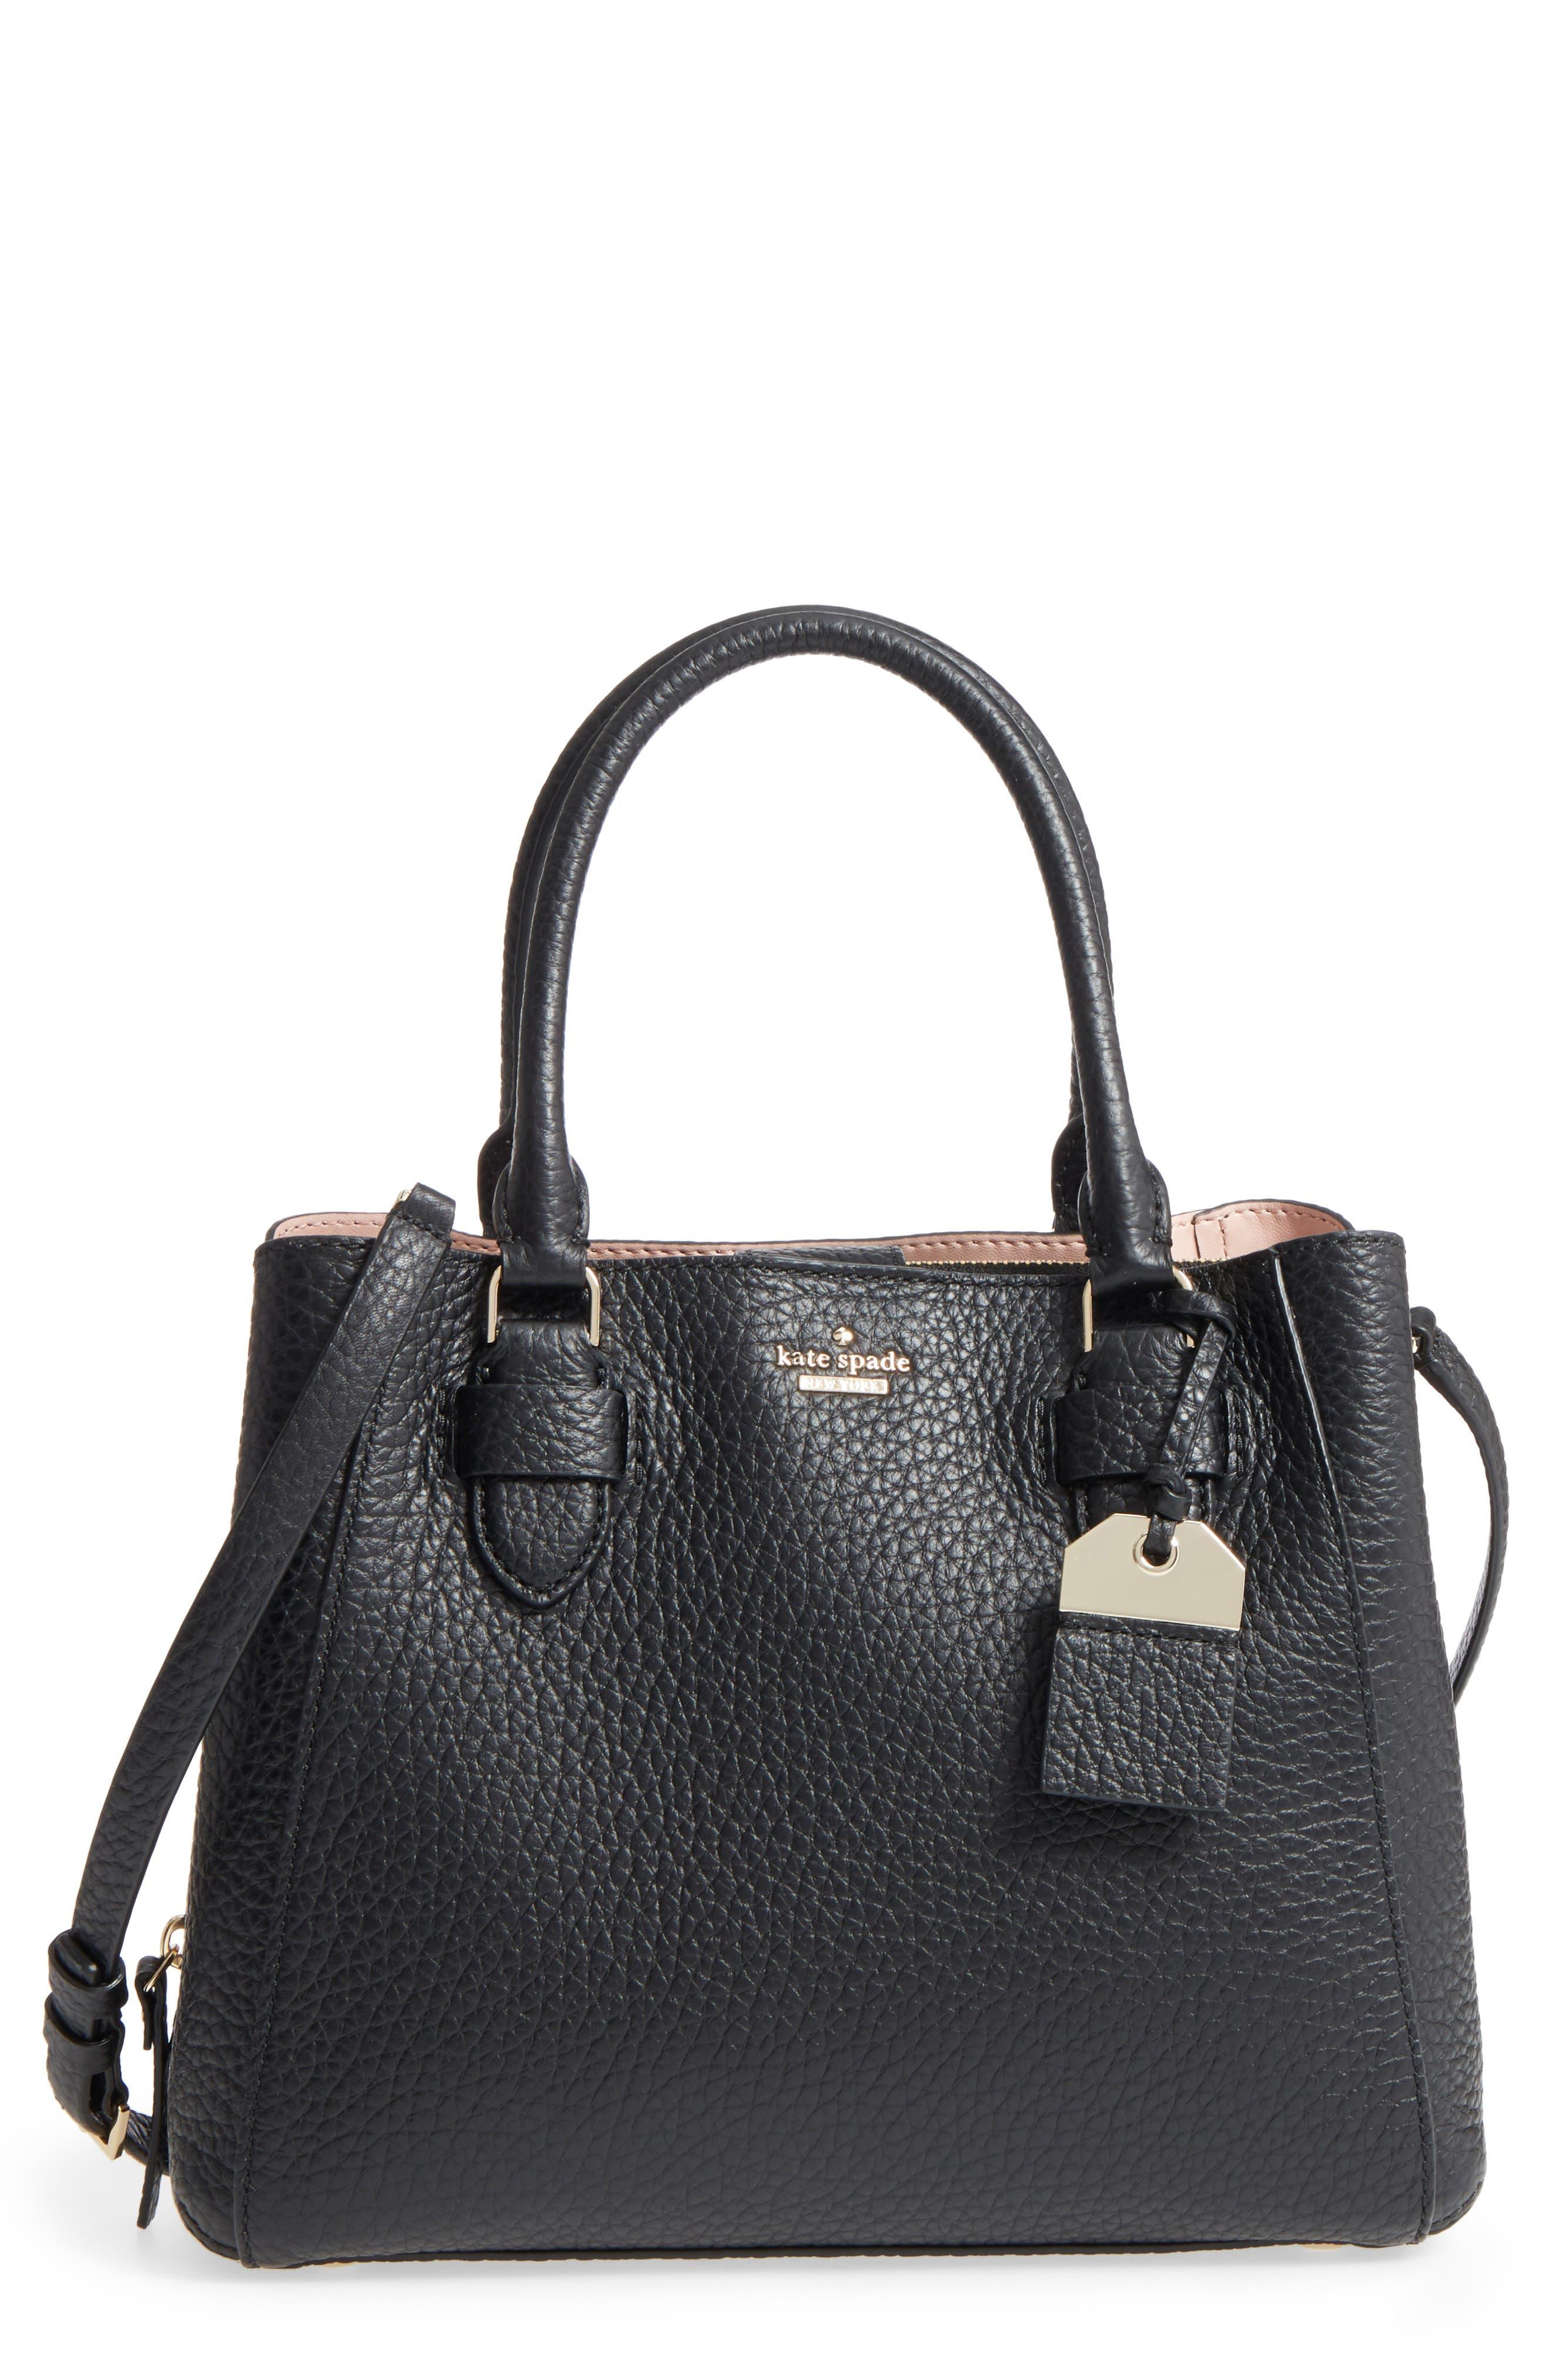 carter street - aliana leather satchel,                         Main,                         color, 001